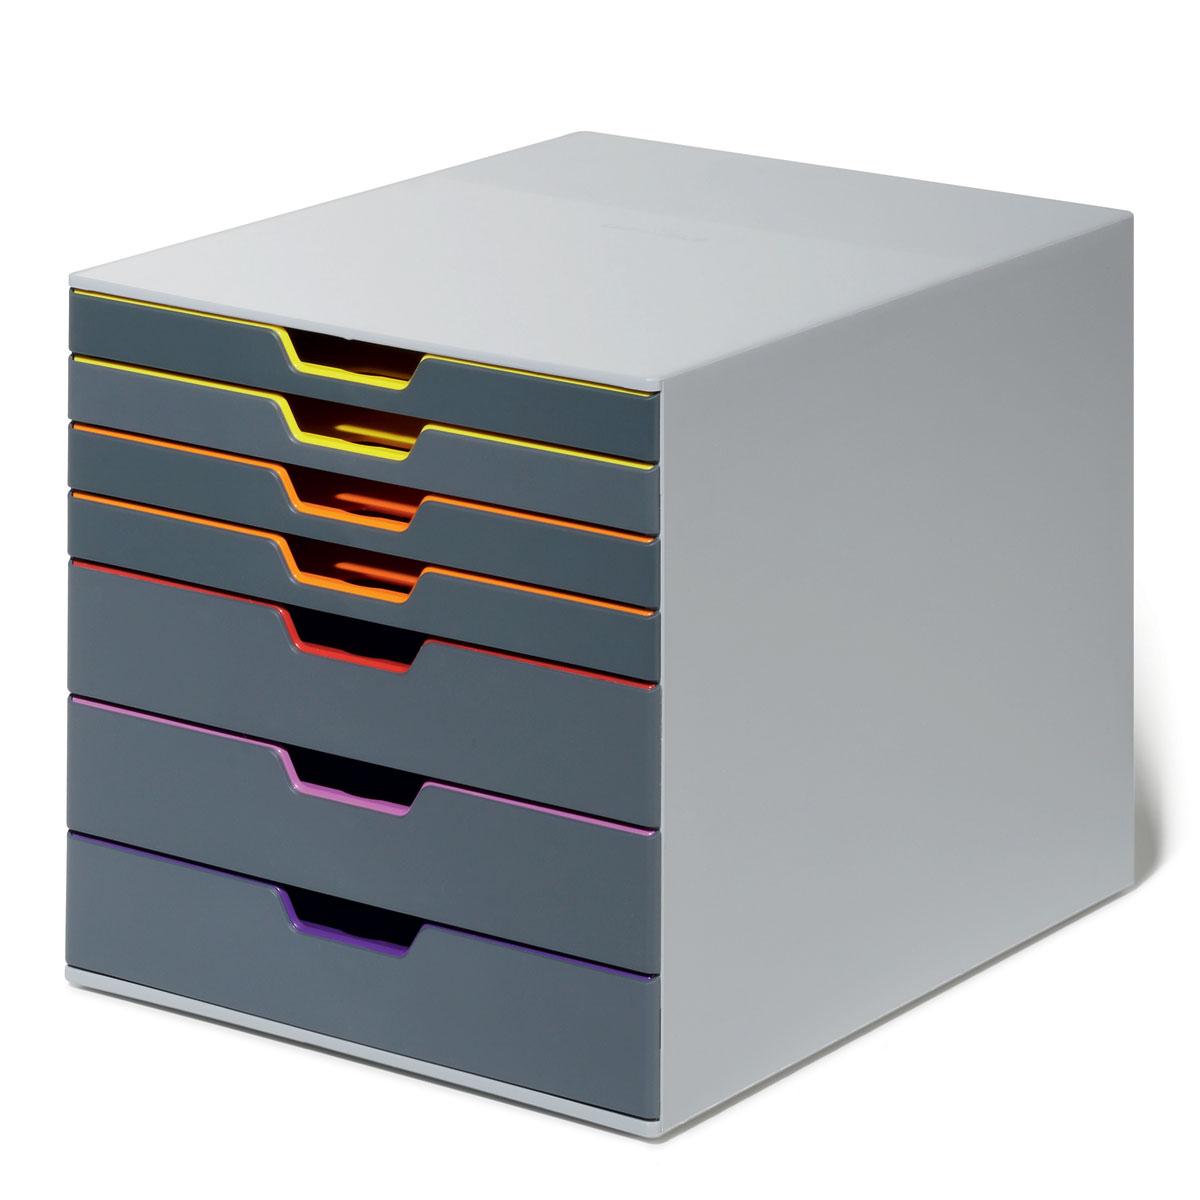 Короб для документов Durable Varicolor. 7607-277607-27Короб для документов Durable Varicolor выполнен из высококачественного пластика. Выдвижные ящики закрытого типа, оснащены стопорами и табуляторами для маркировки. Боксы можно устанавливать друг на друга, фиксируются при помощи резиновых ножек.